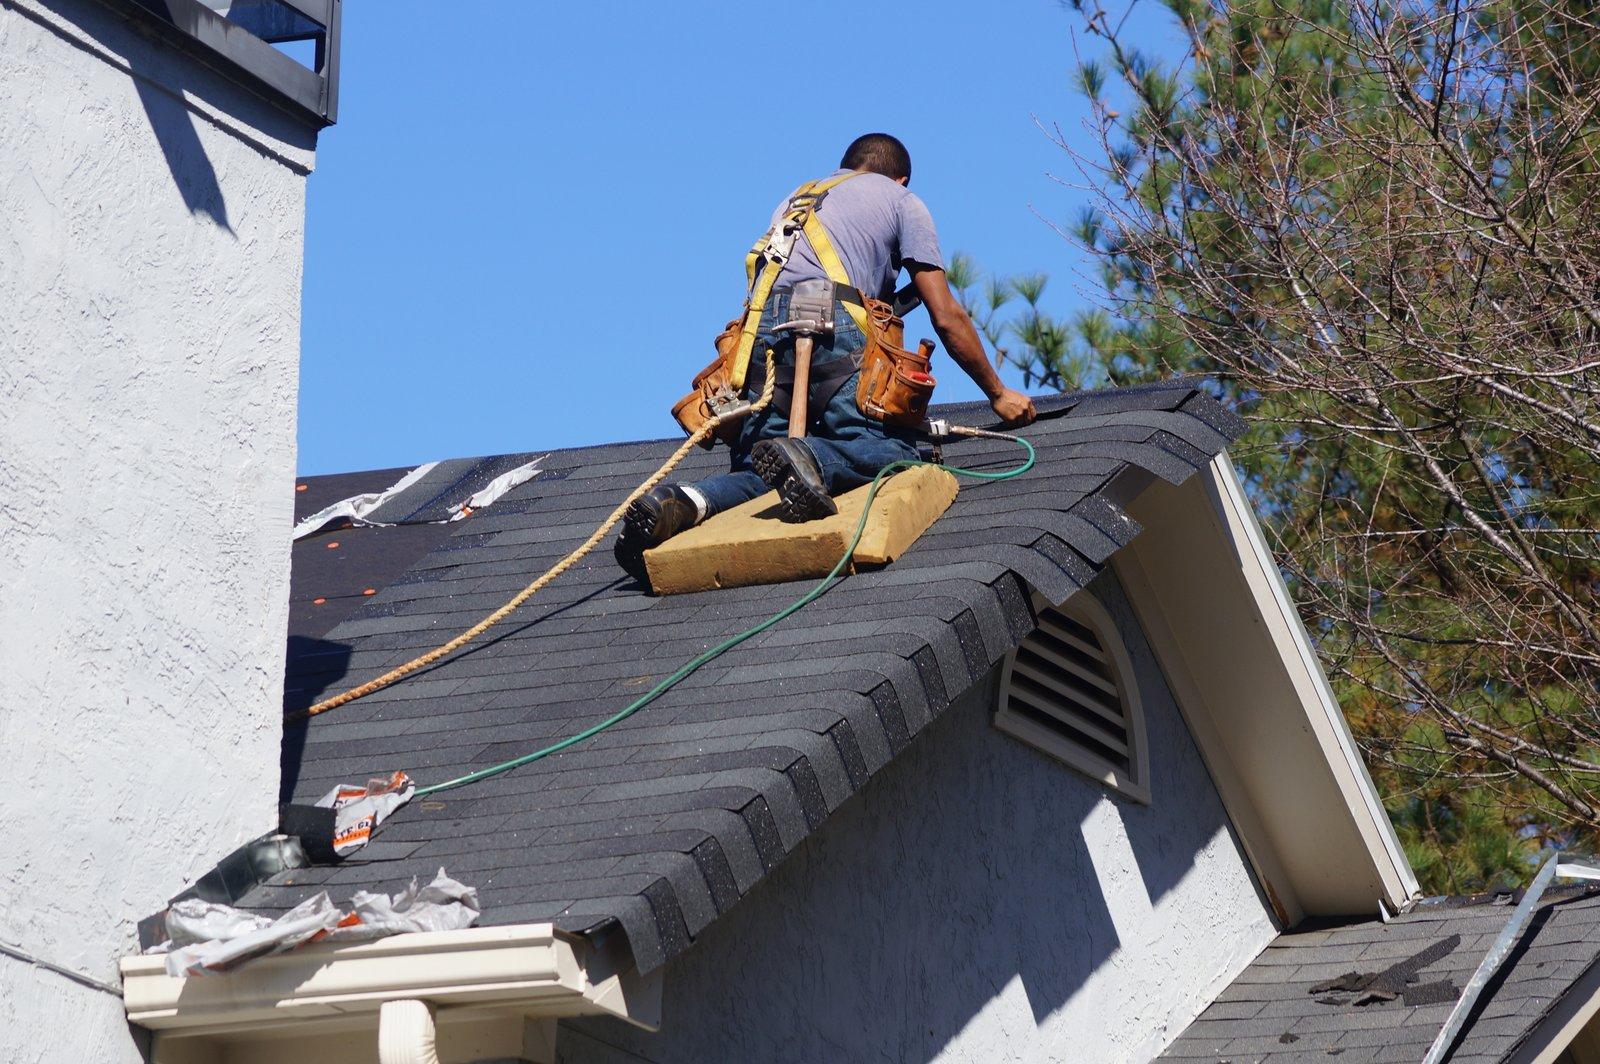 Top Flat Roof Repair Tips Piktochart Visual Editor